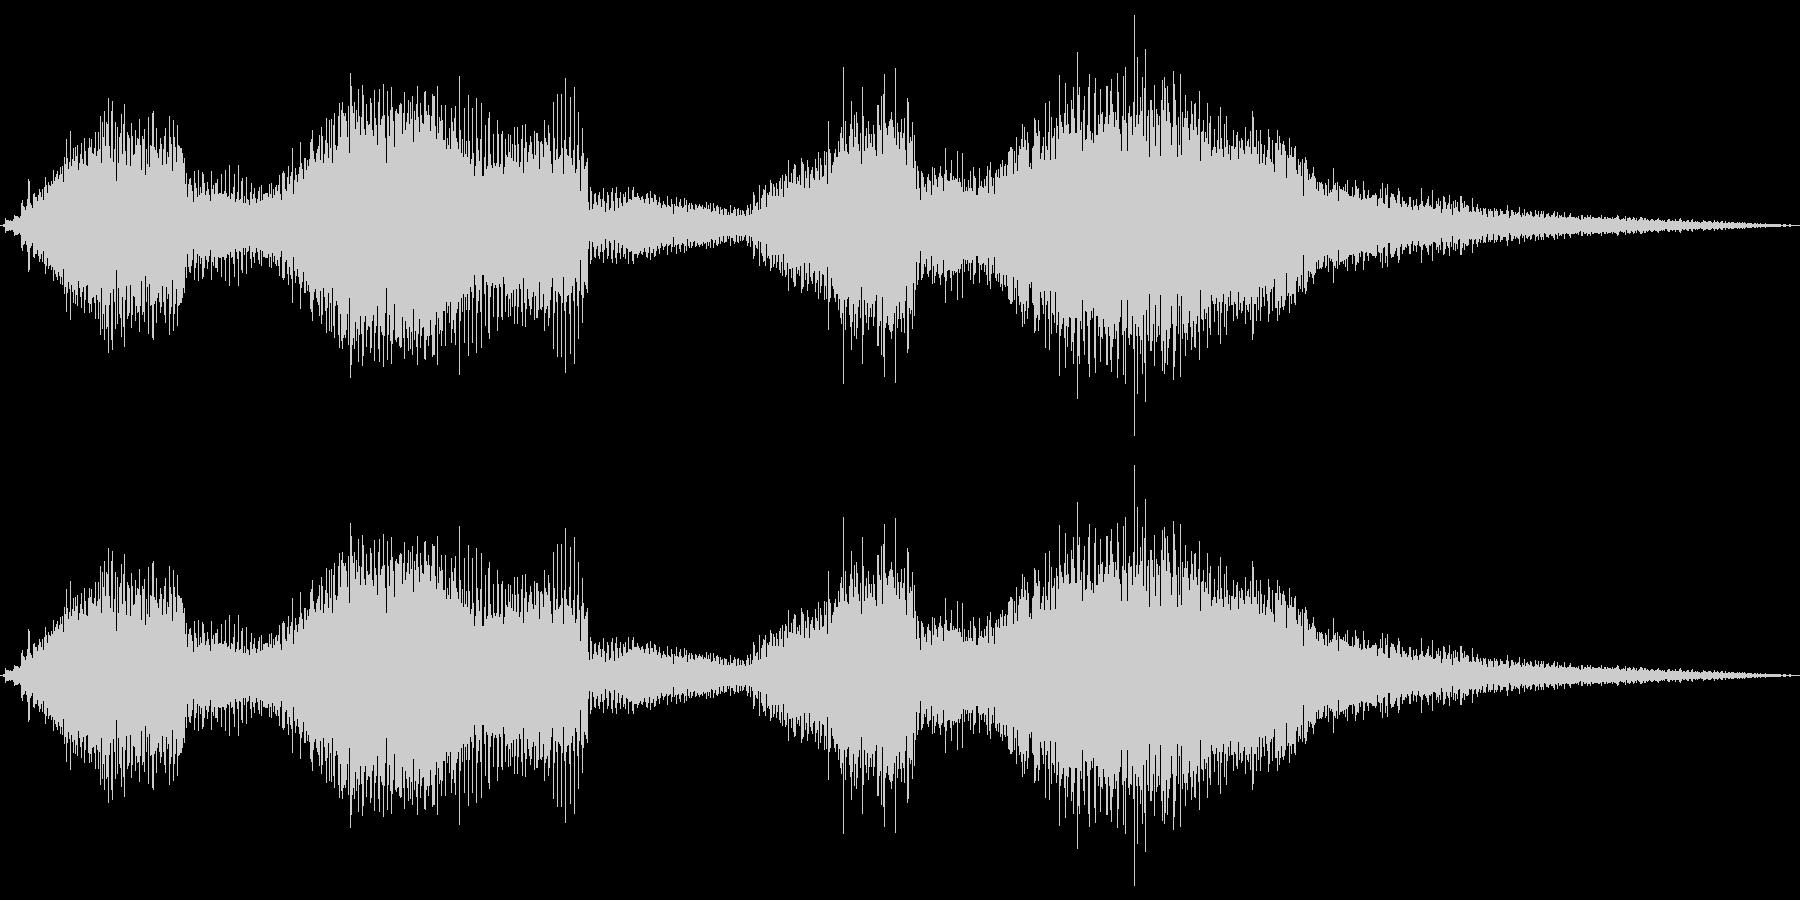 【エレキギター】クリーンストローク音②の未再生の波形